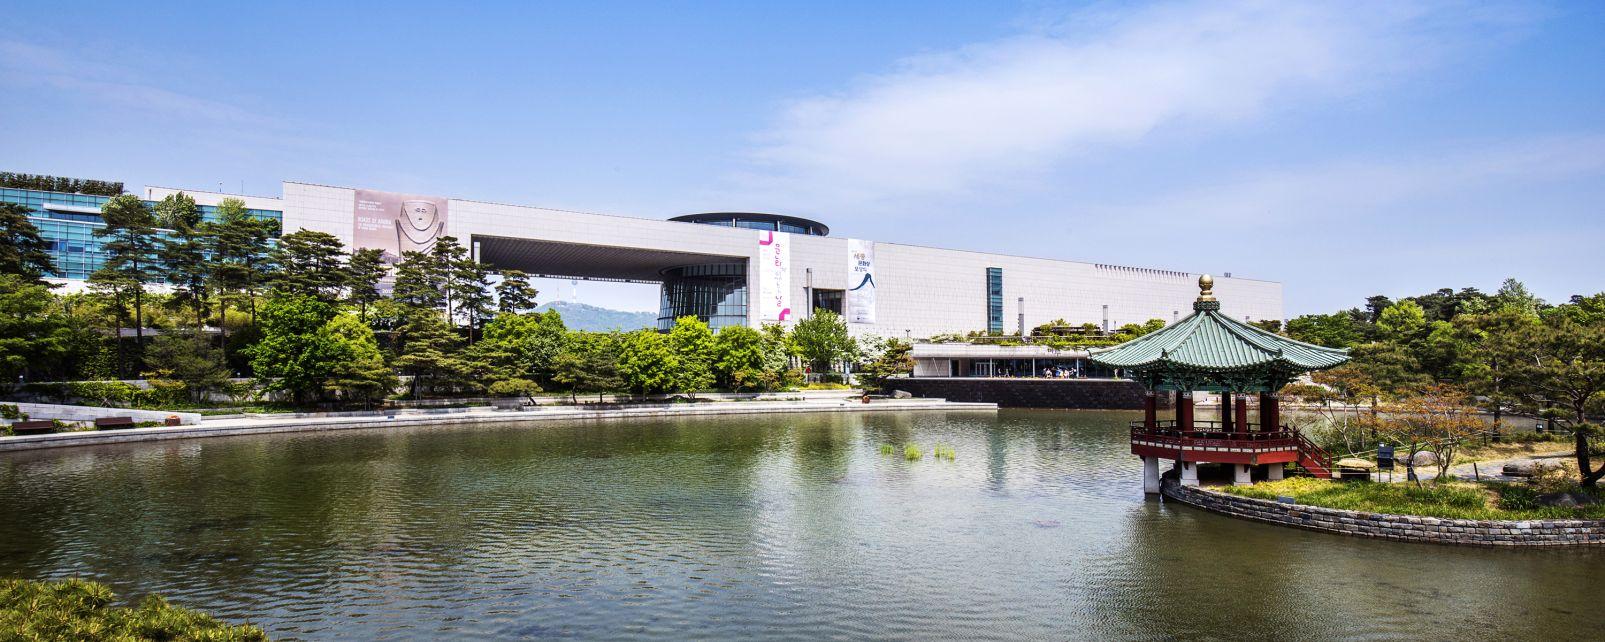 El Museo Nacional de Corea, Los museos, Corea del Sur